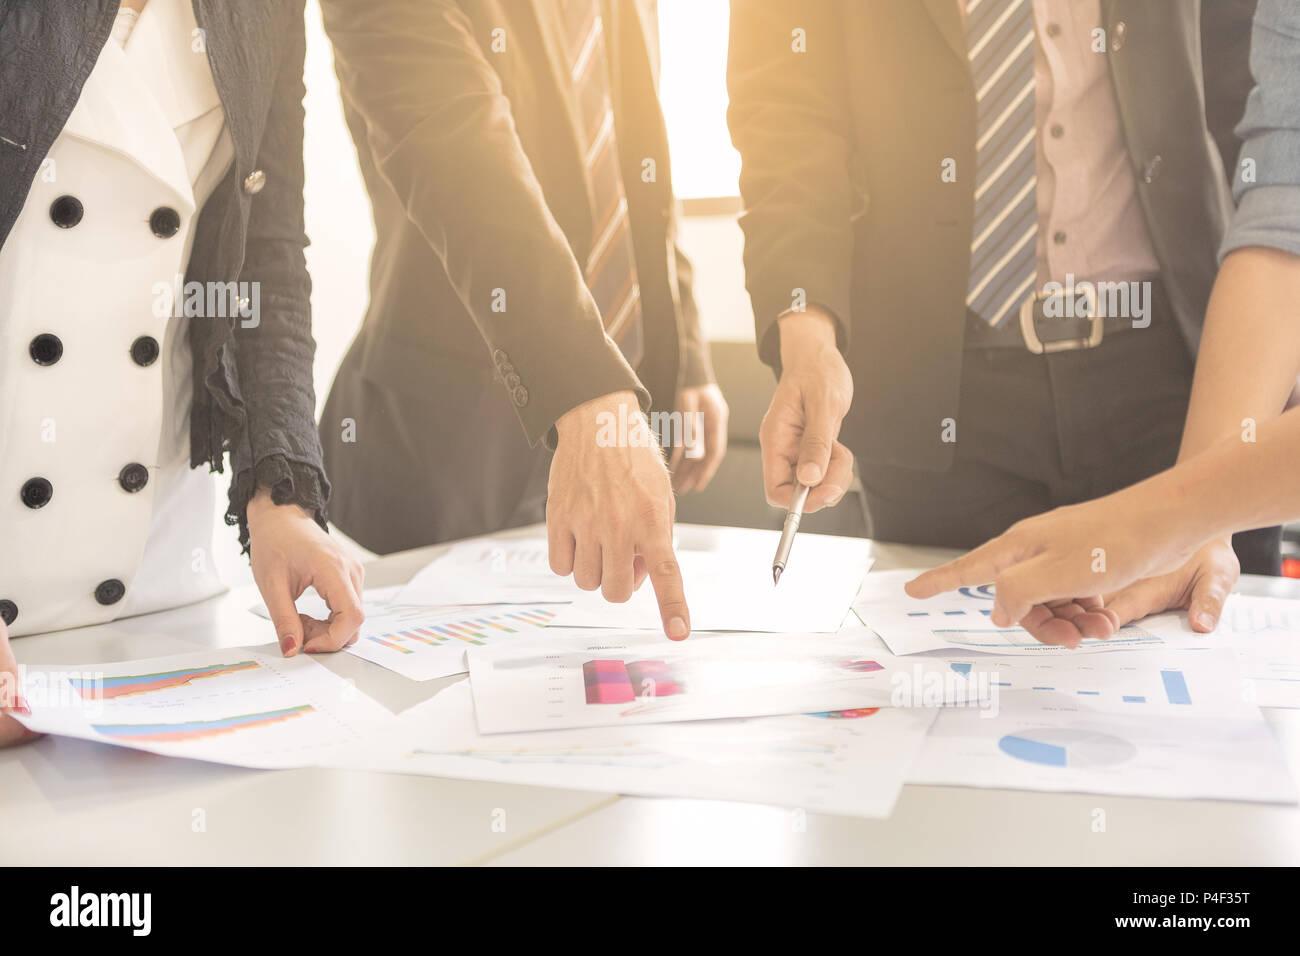 Imprenditore e la donna sono un po' di brainstorming su a creative nuova idea di business come il lavoro di squadra concetto. Immagini Stock